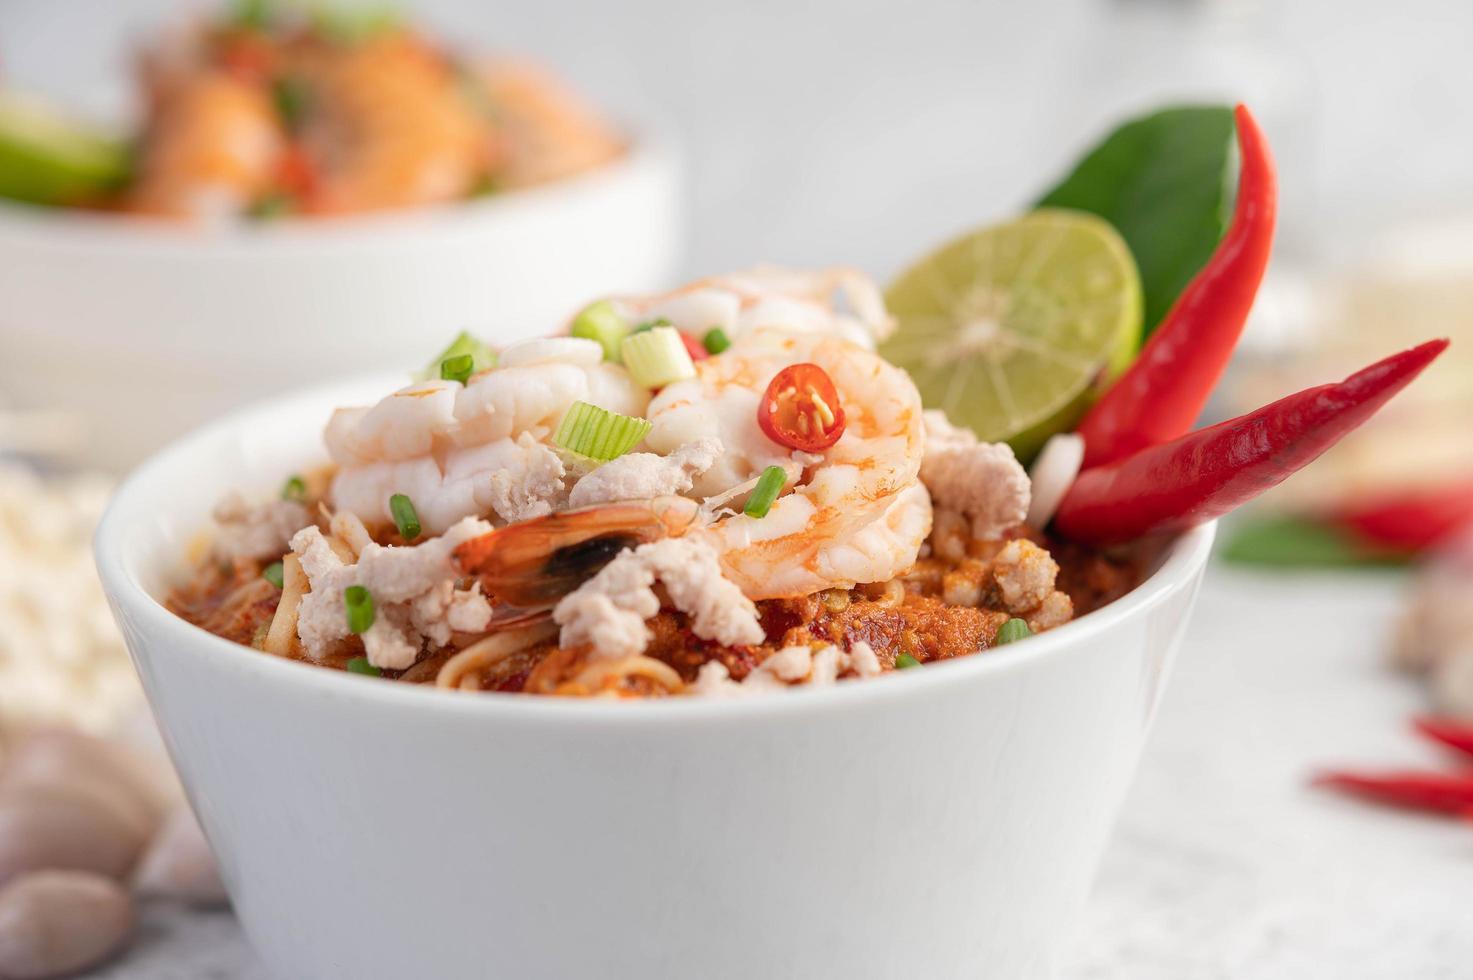 nouilles instantanées sautées aux crevettes et au porc photo